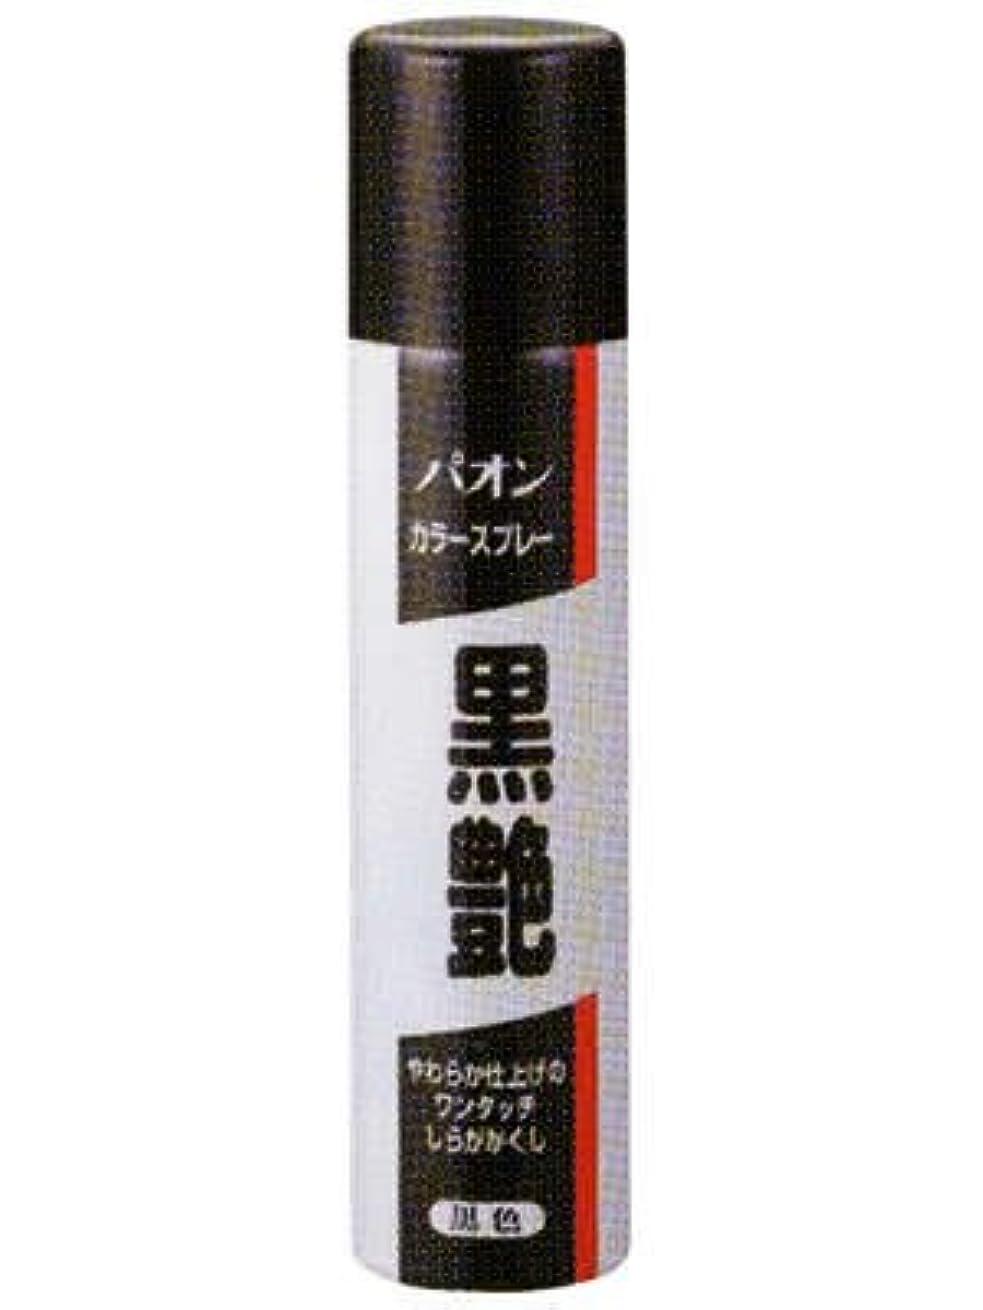 狂乱ドレイン男やもめシュワルツコフヘンケル(カブ)パオンカラースプレー黒艶黒色60g(RC:1000611666)